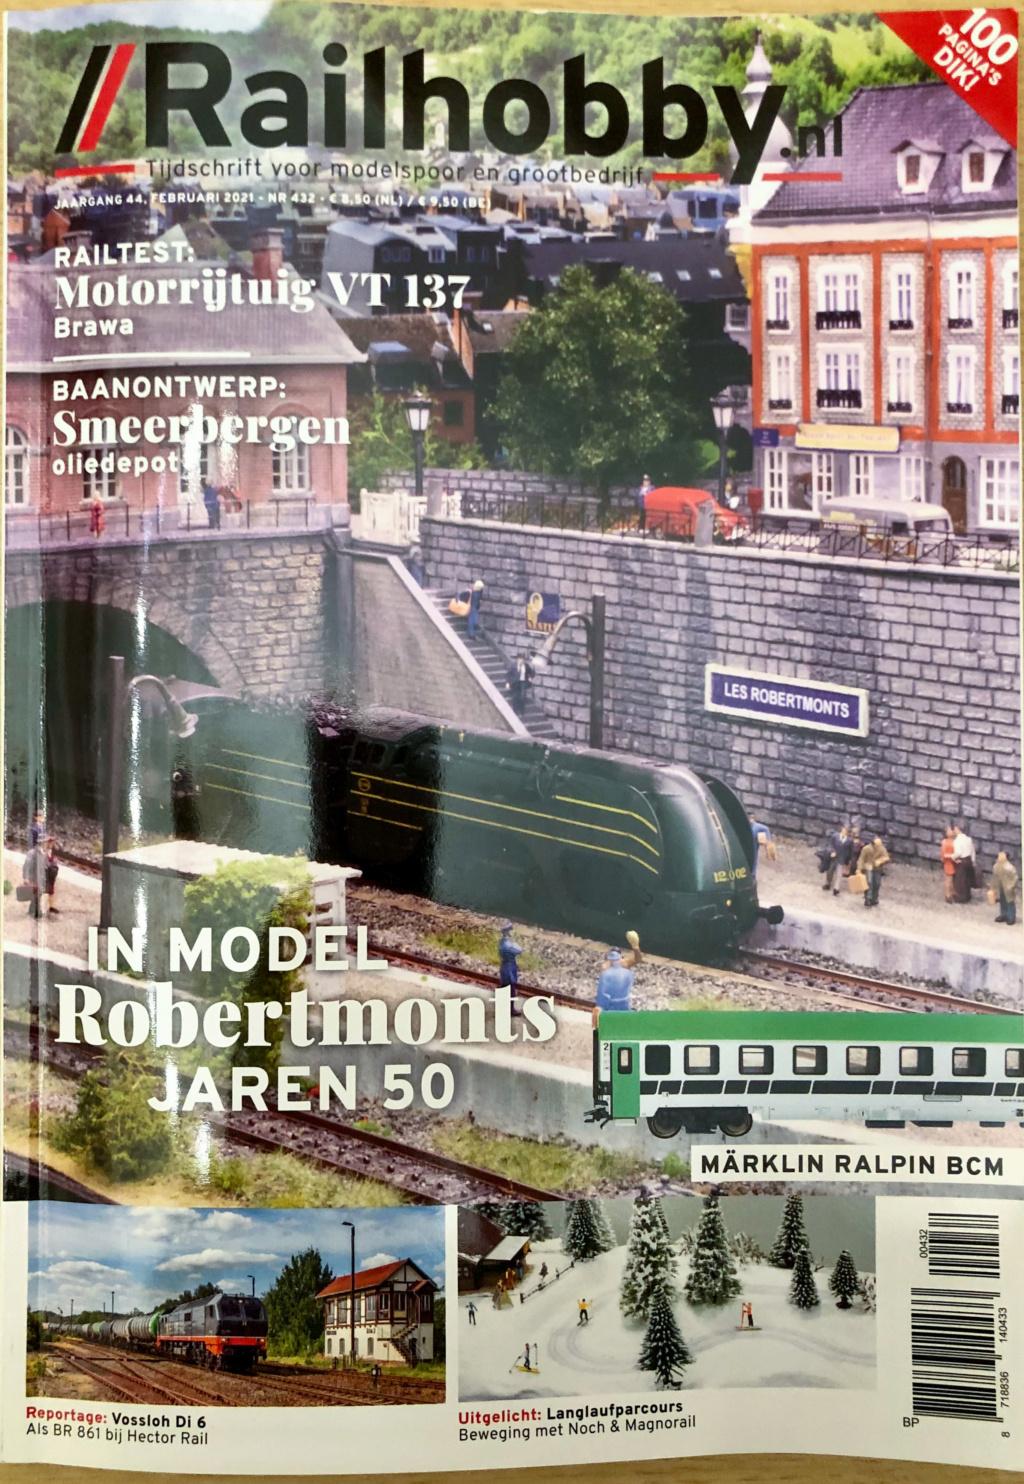 Les Robertmonts, Rue des Thermes - Page 24 Railho11